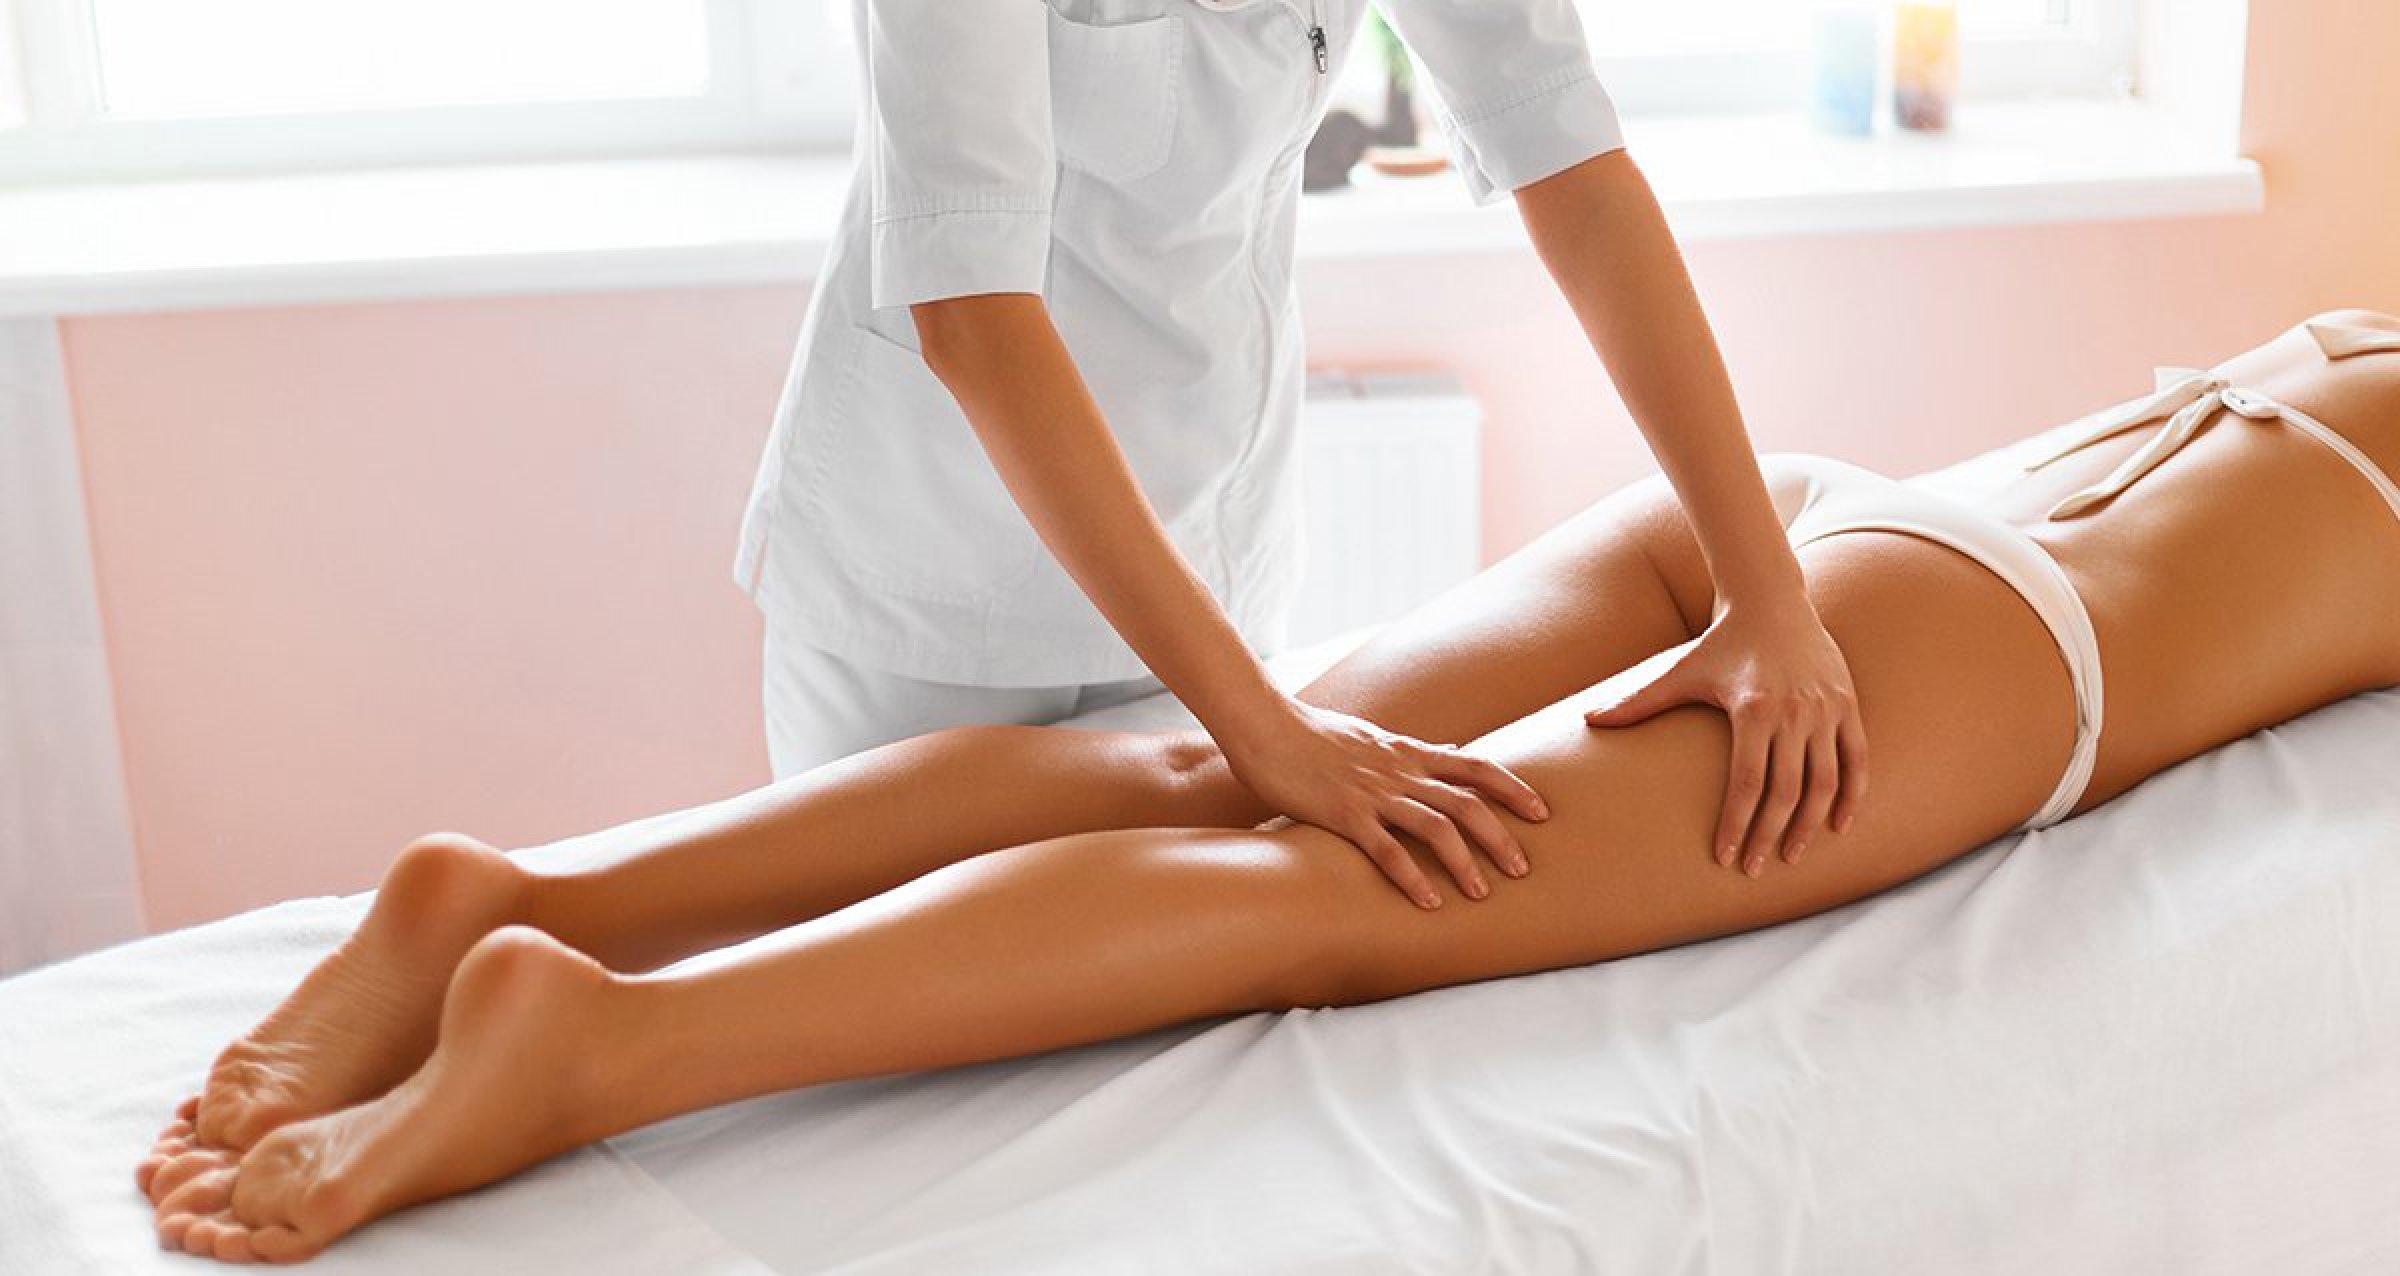 Проверенные временем методы повышения упругости кожи в домашних условиях